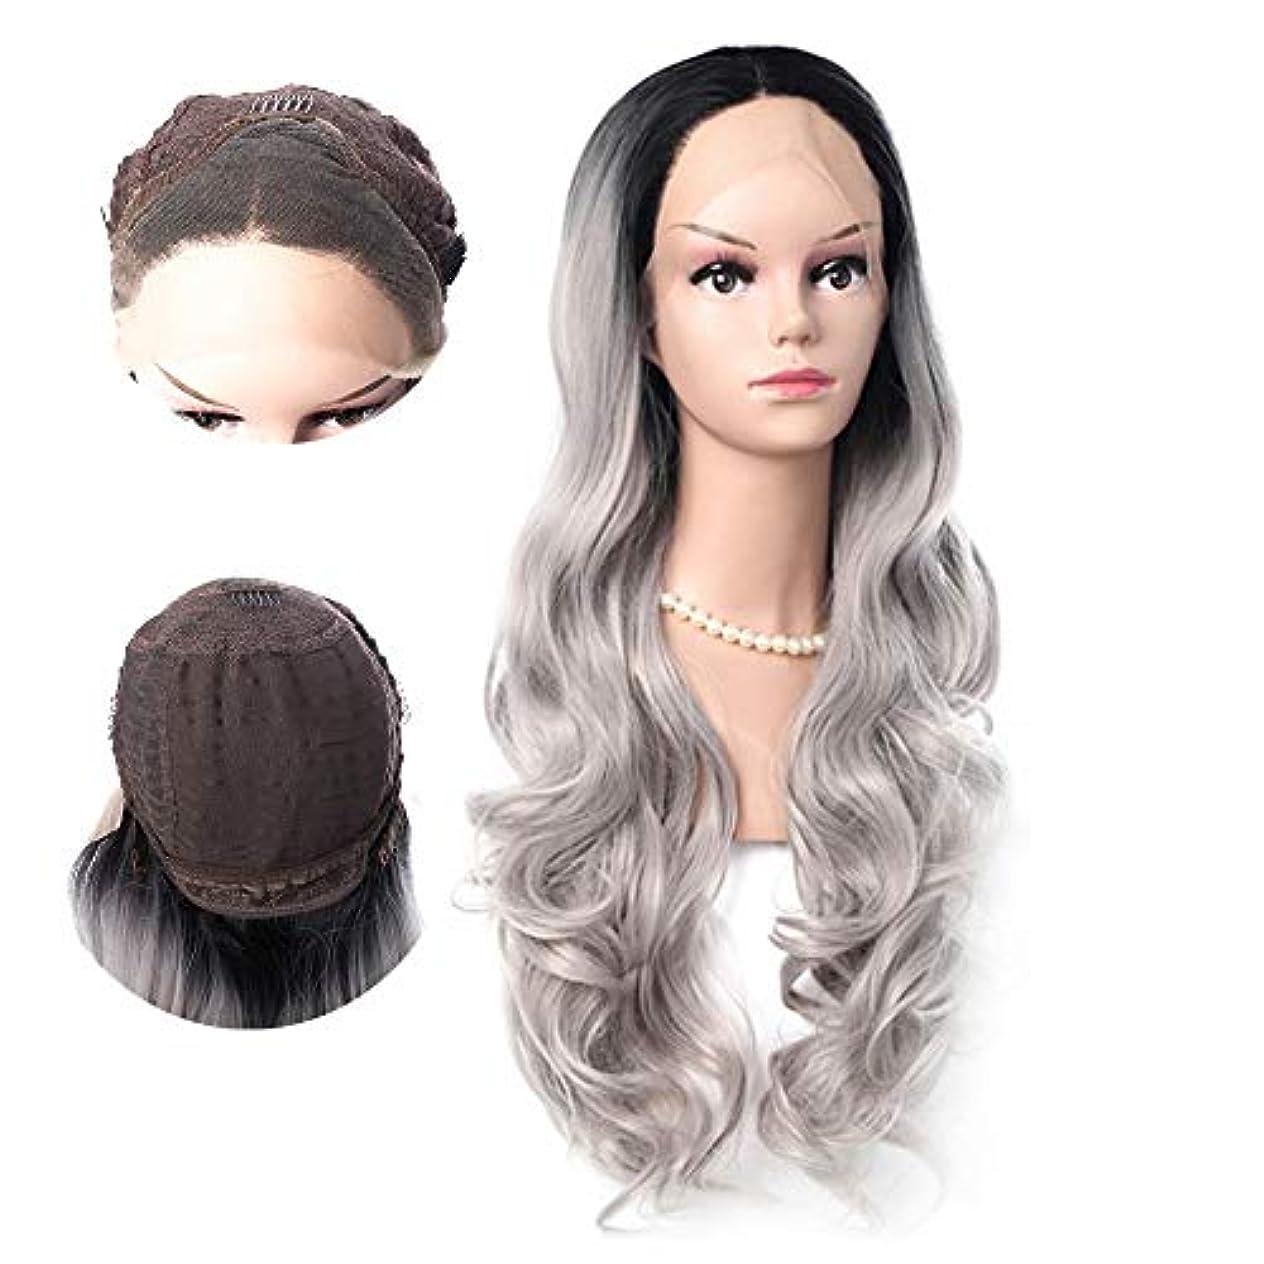 民間多くの危険がある状況半導体WASAIO 女性の長い巻き毛のかつらは、黒髪の自然な波状のオンブルレースフロントかつらを植えた (色 : グレー)